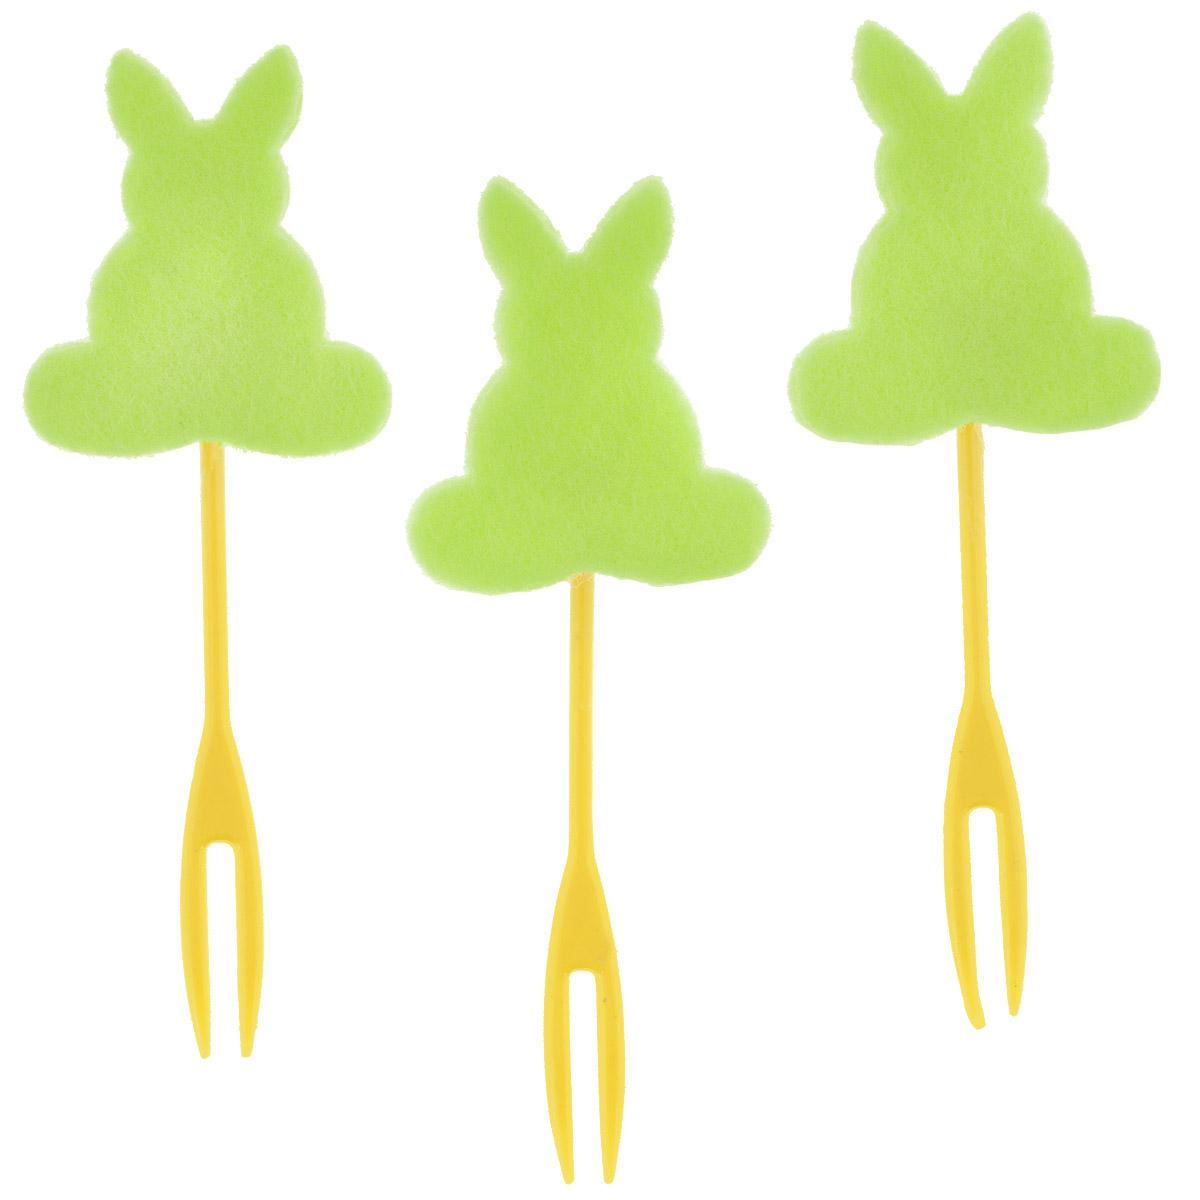 Набор декоративных вилочек Home Queen Кролик для украшения кулича, цвет: зеленый, длина 10 см, 3 шт60722_4Набор Home Queen Кролик, изготовленный из пластика и фетра, состоит из трех декоративных вилочек, предназначенных для украшения пасхального кулича. Изделия декорированы фигурками кроликов. Такой набор прекрасно дополнит оформление праздничного стола на Пасху. Размер фигурки: 4 см х 4 см.